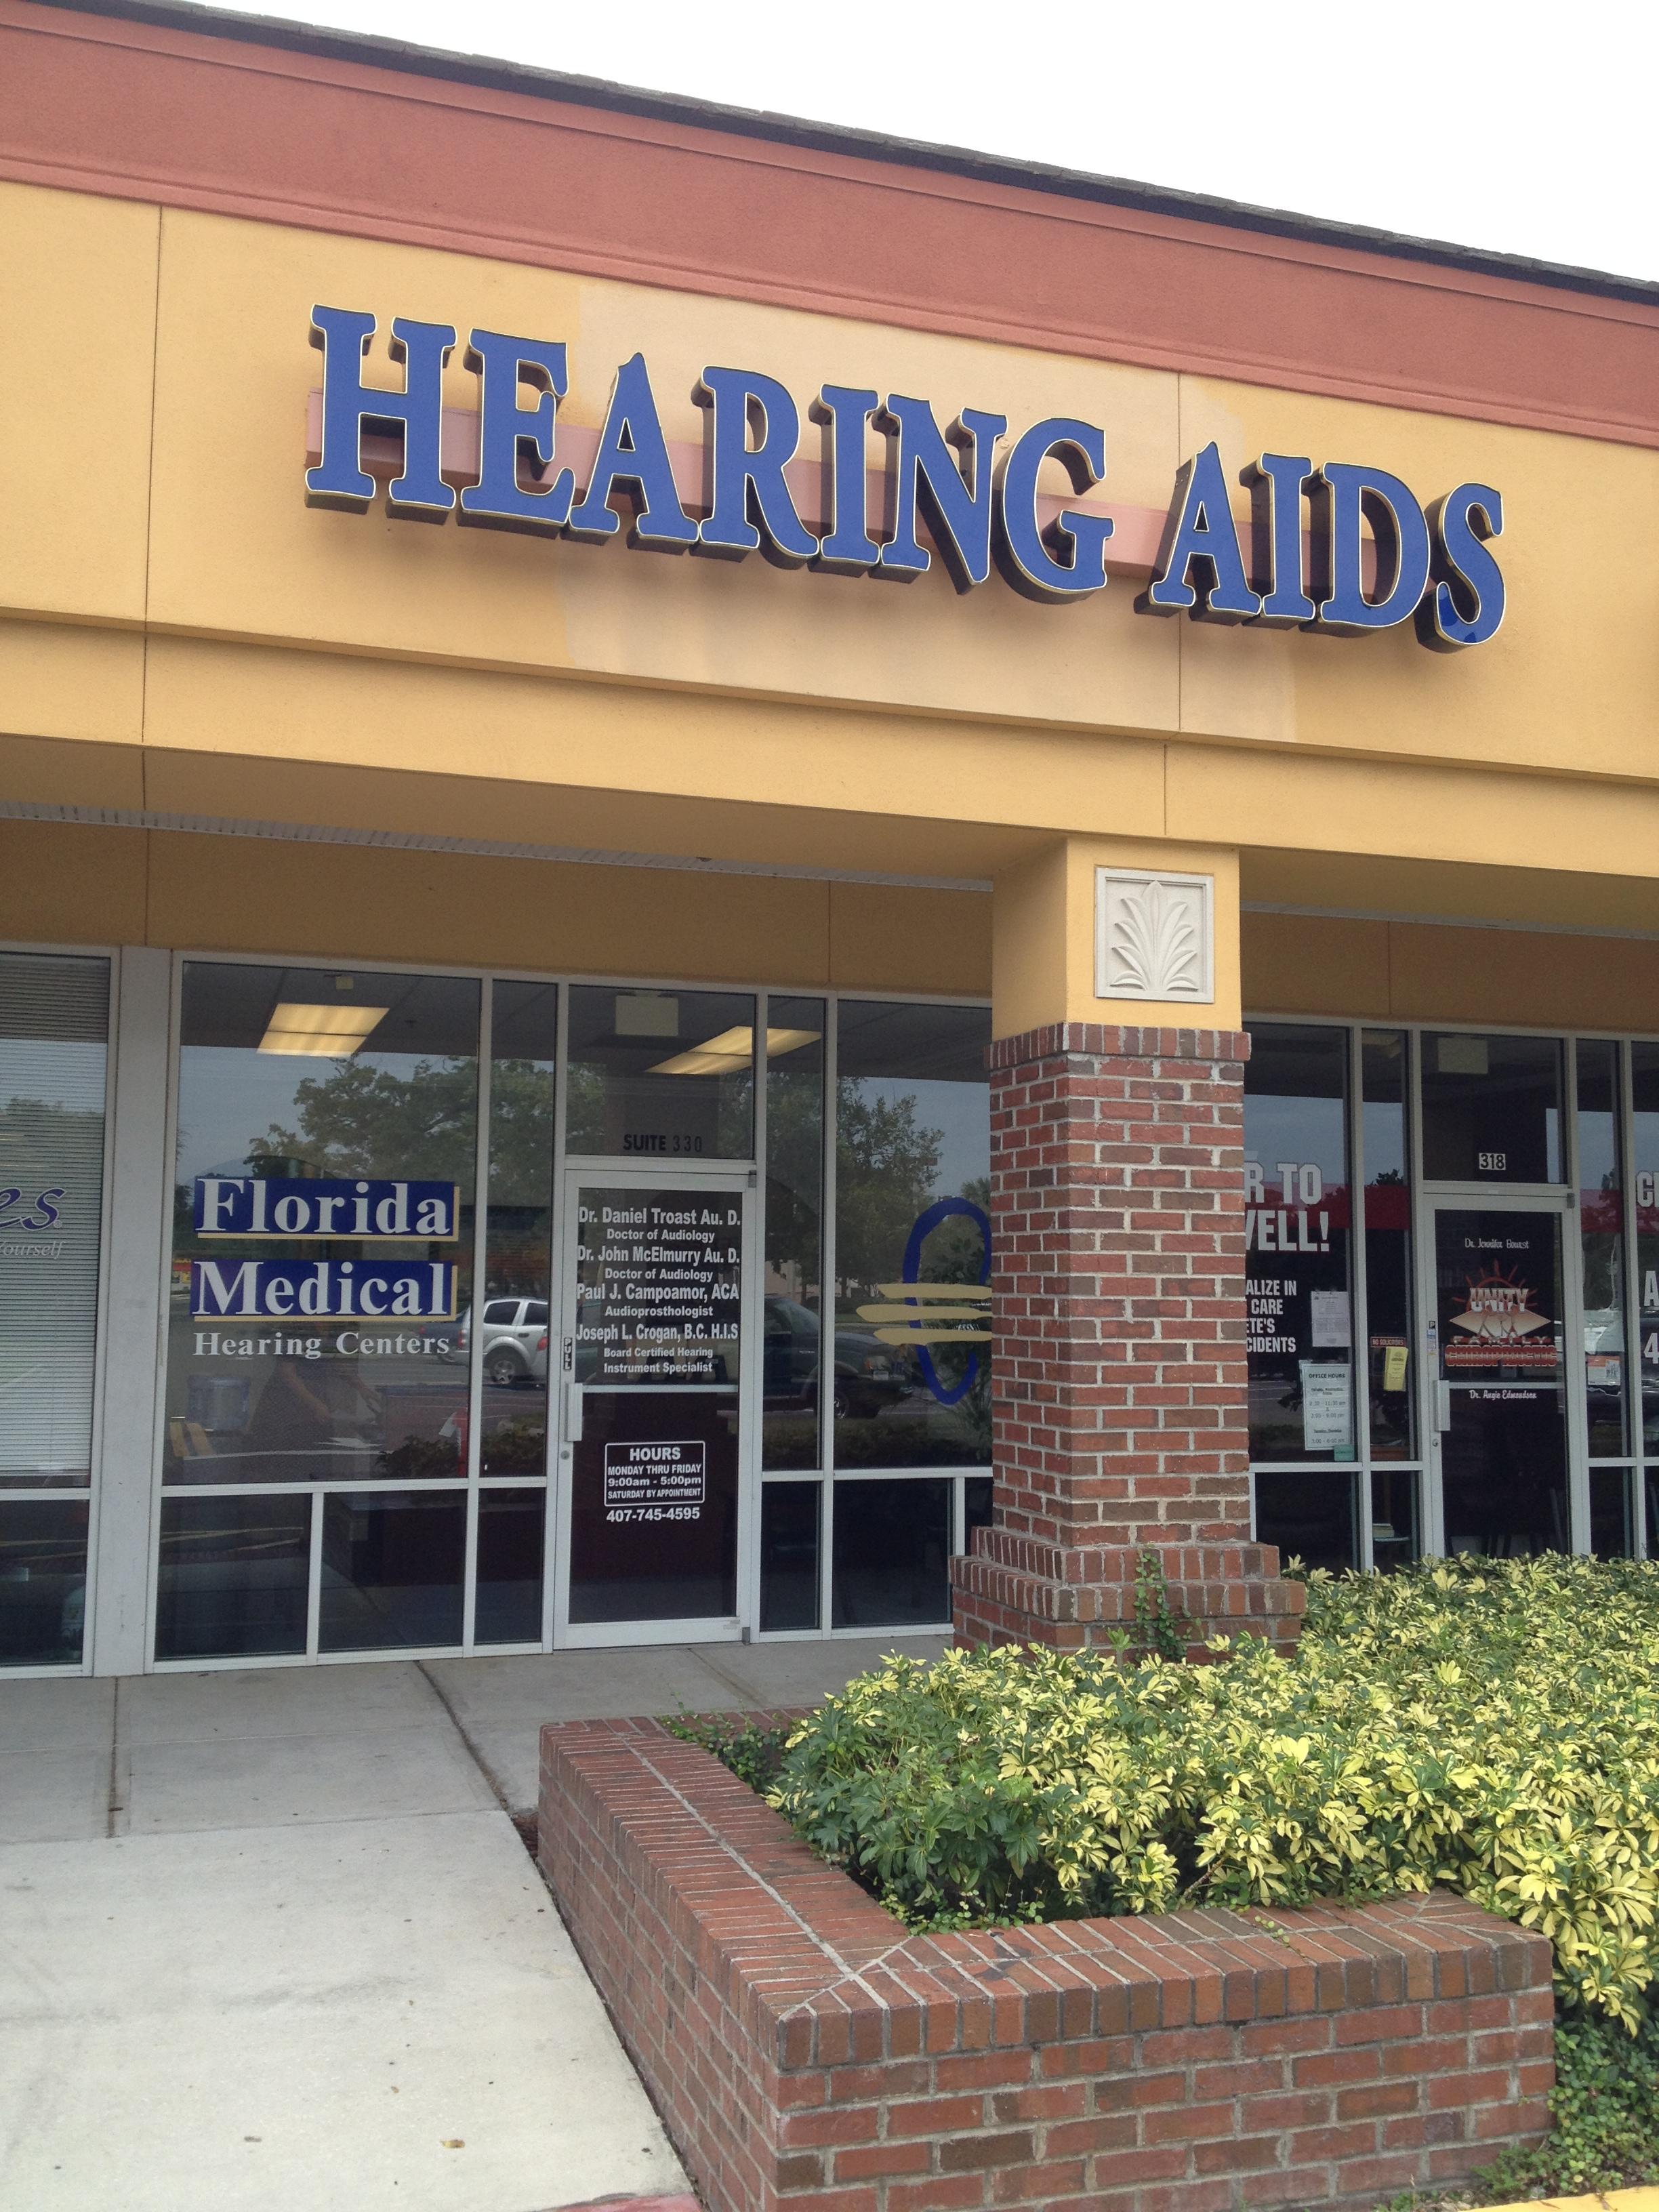 Florida Medical Hearing Centers Winter Garden Florida Fl